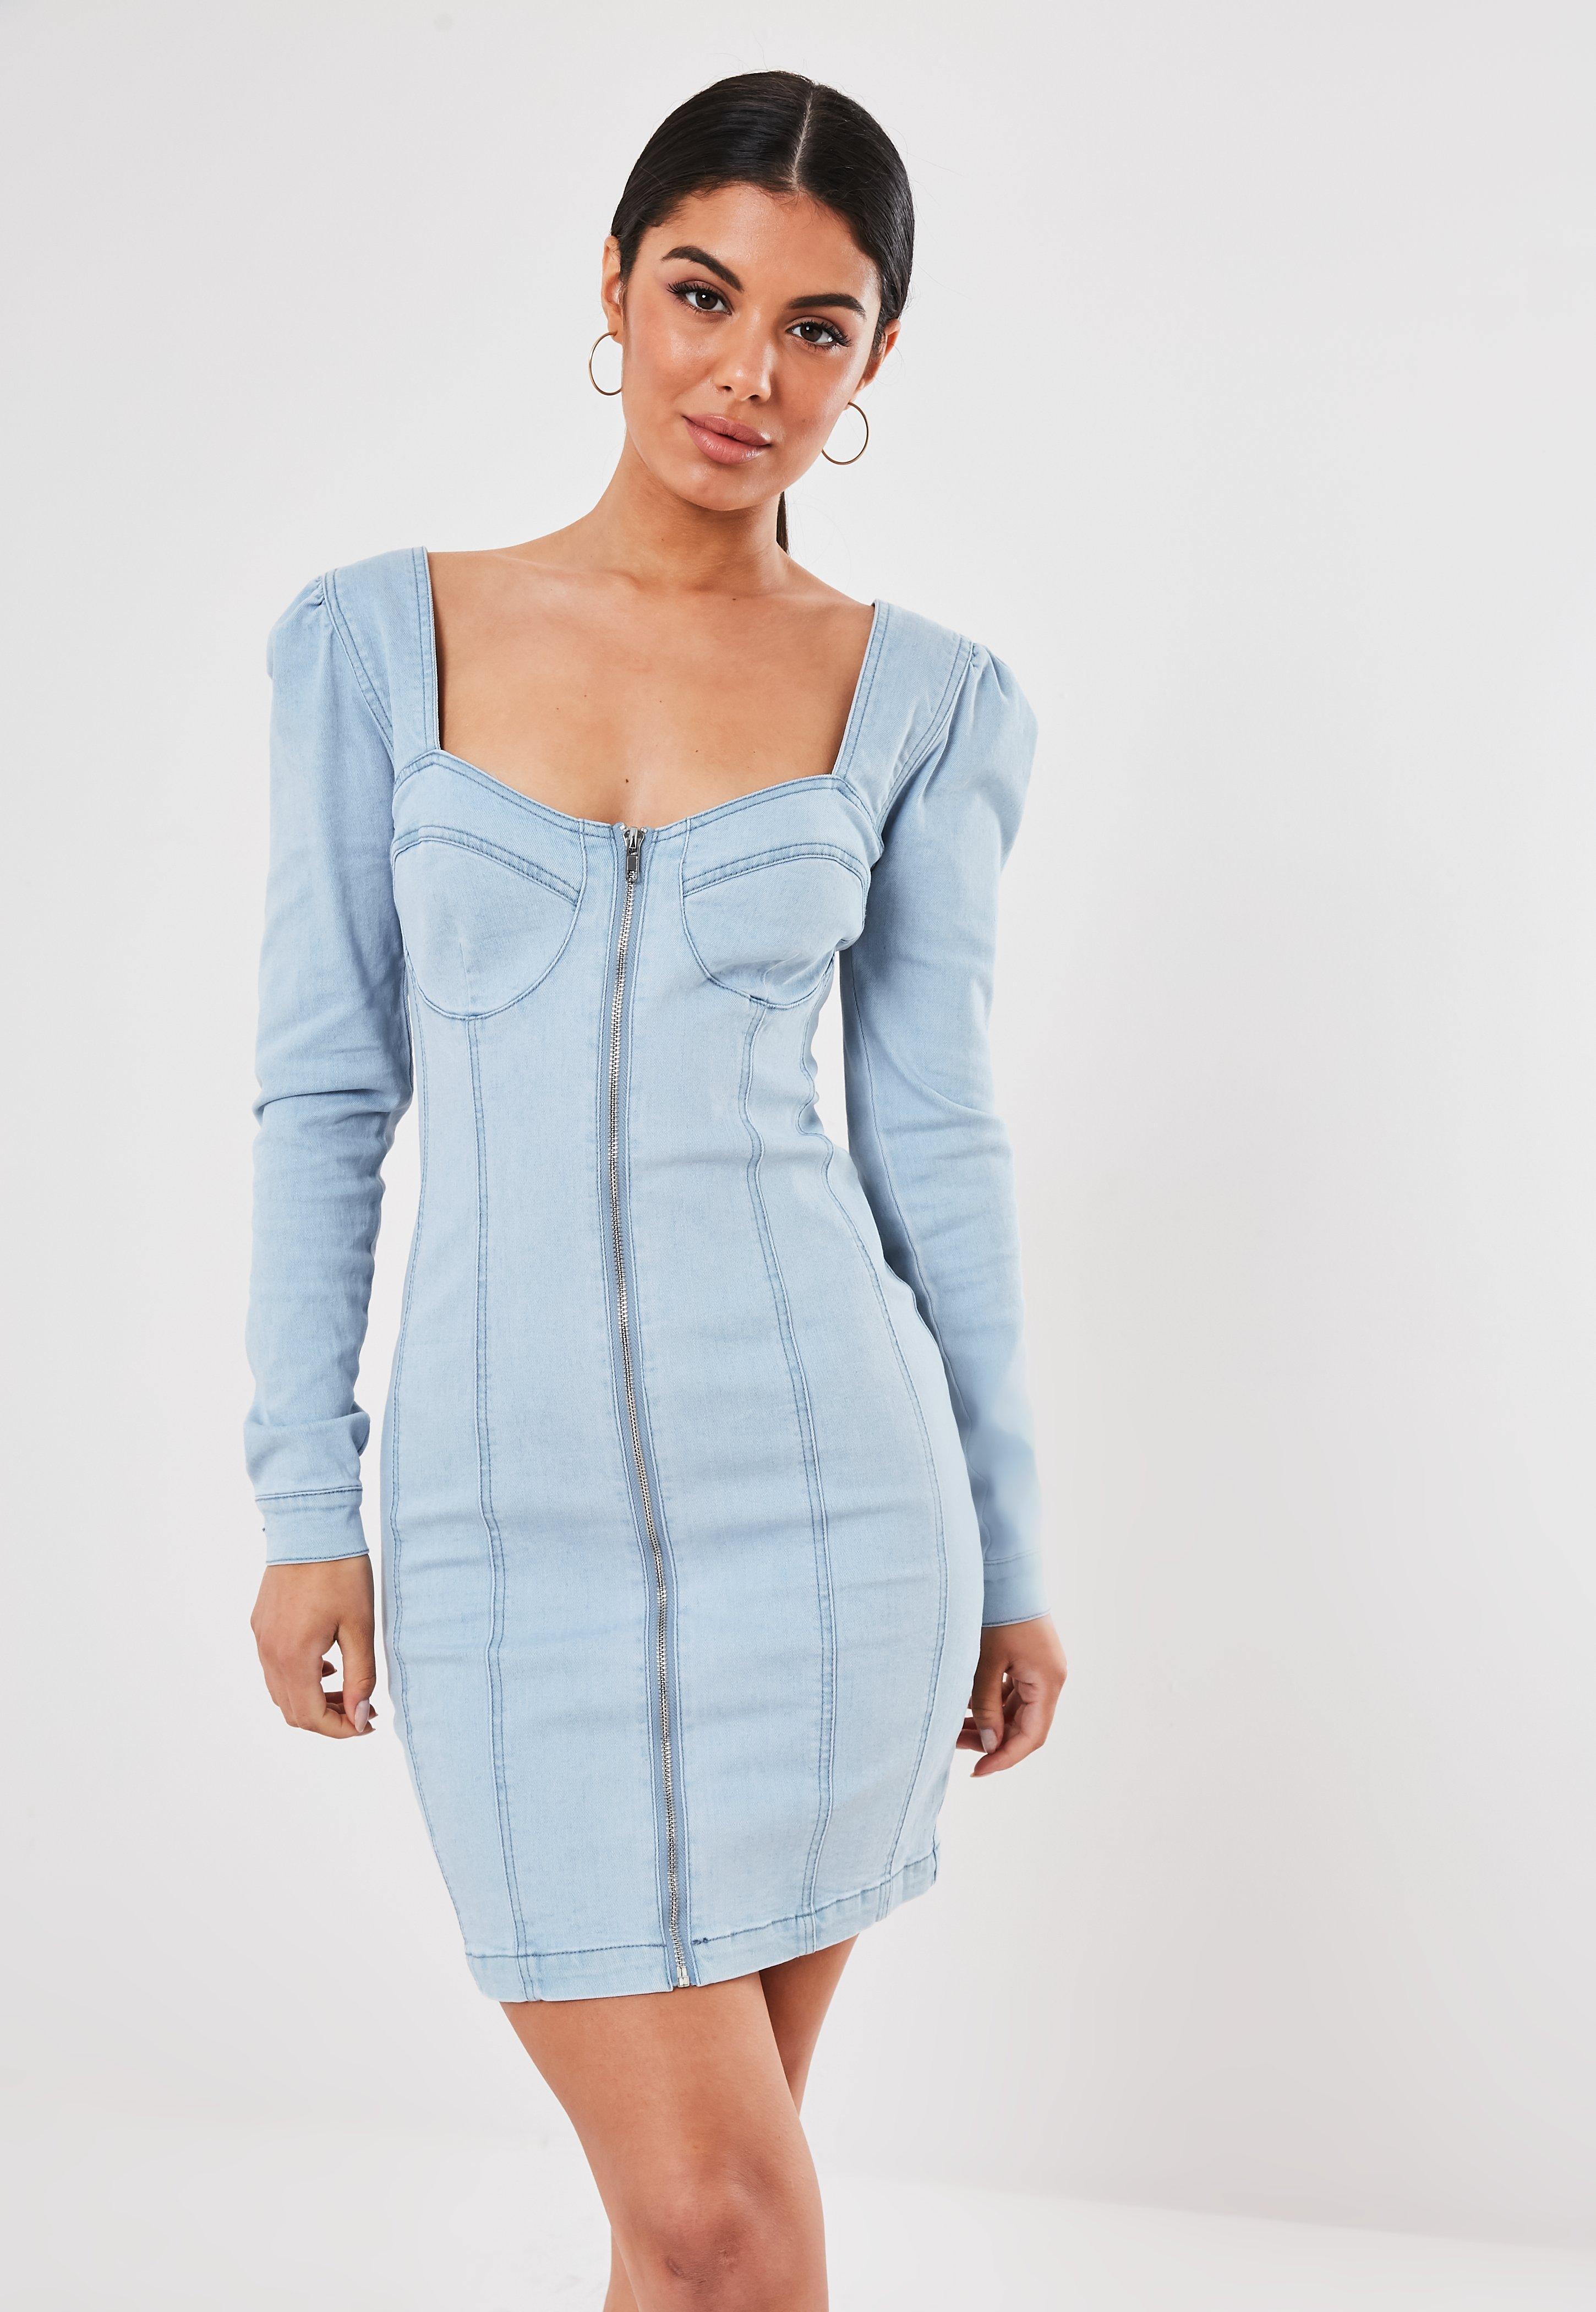 38559bd3 Light Blue Puff Sleeve Zip Through Denim Dress